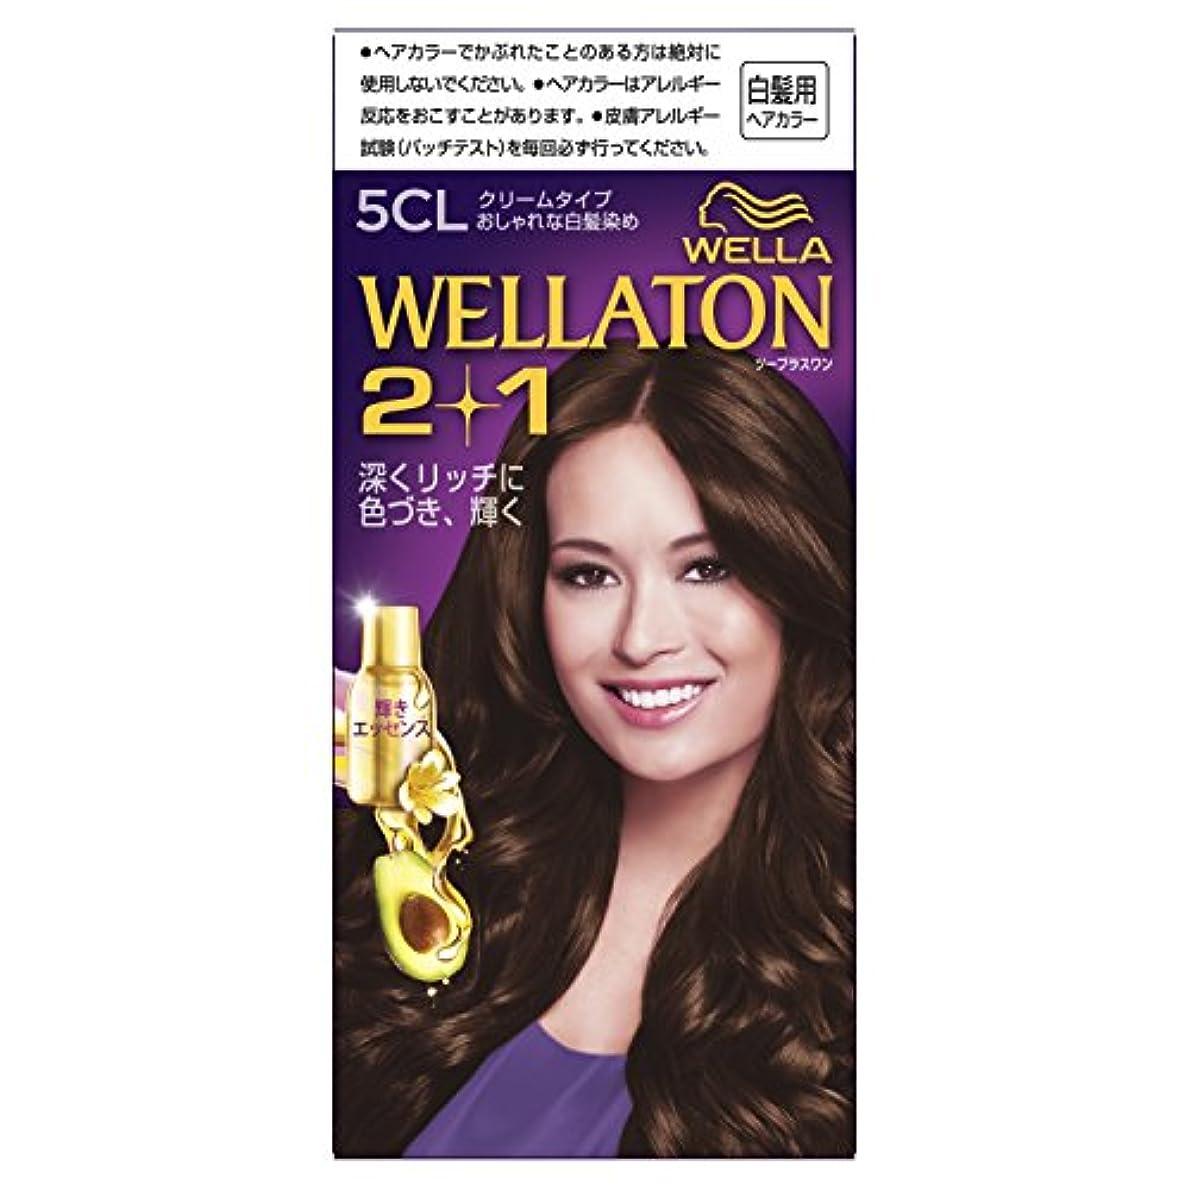 ずんぐりした実験的行商人ウエラトーン2+1 クリームタイプ 5CL [医薬部外品](おしゃれな白髪染め)